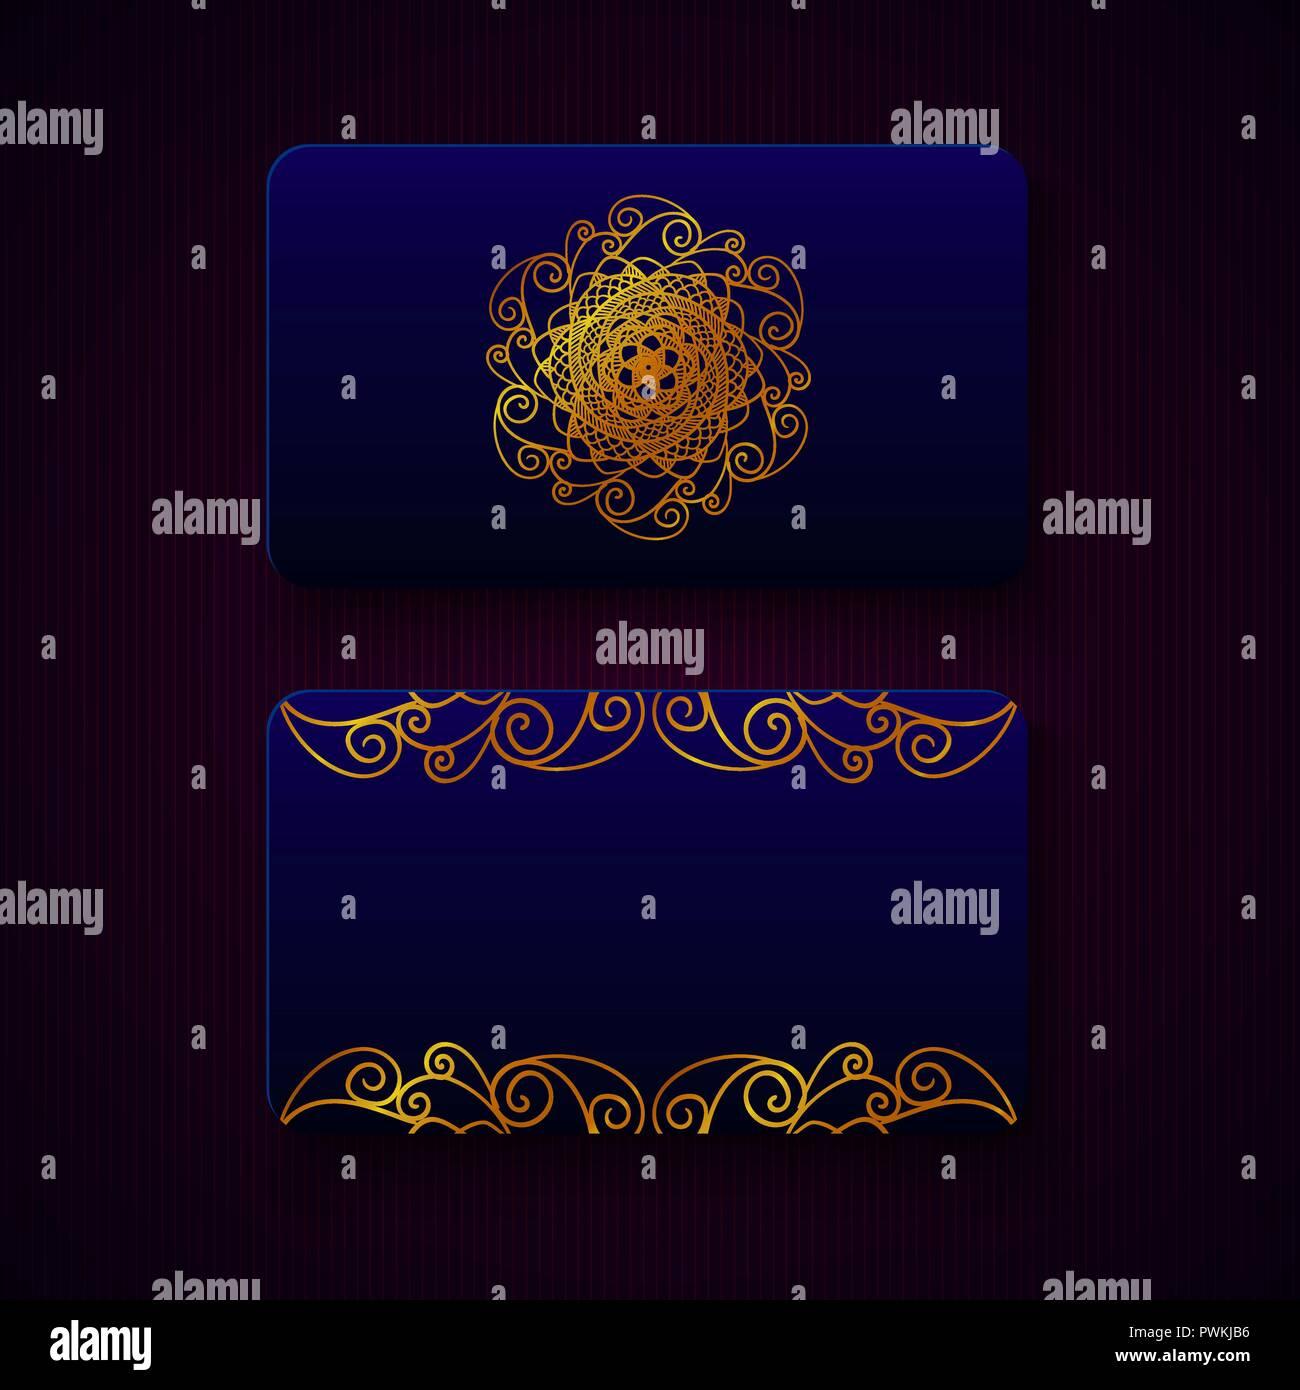 Cartes De Visite Luxe Dans Des Modles Couleur Bleu Nuit Avec Dcorations Dores Sur Fond Sombre Cadeau VIP